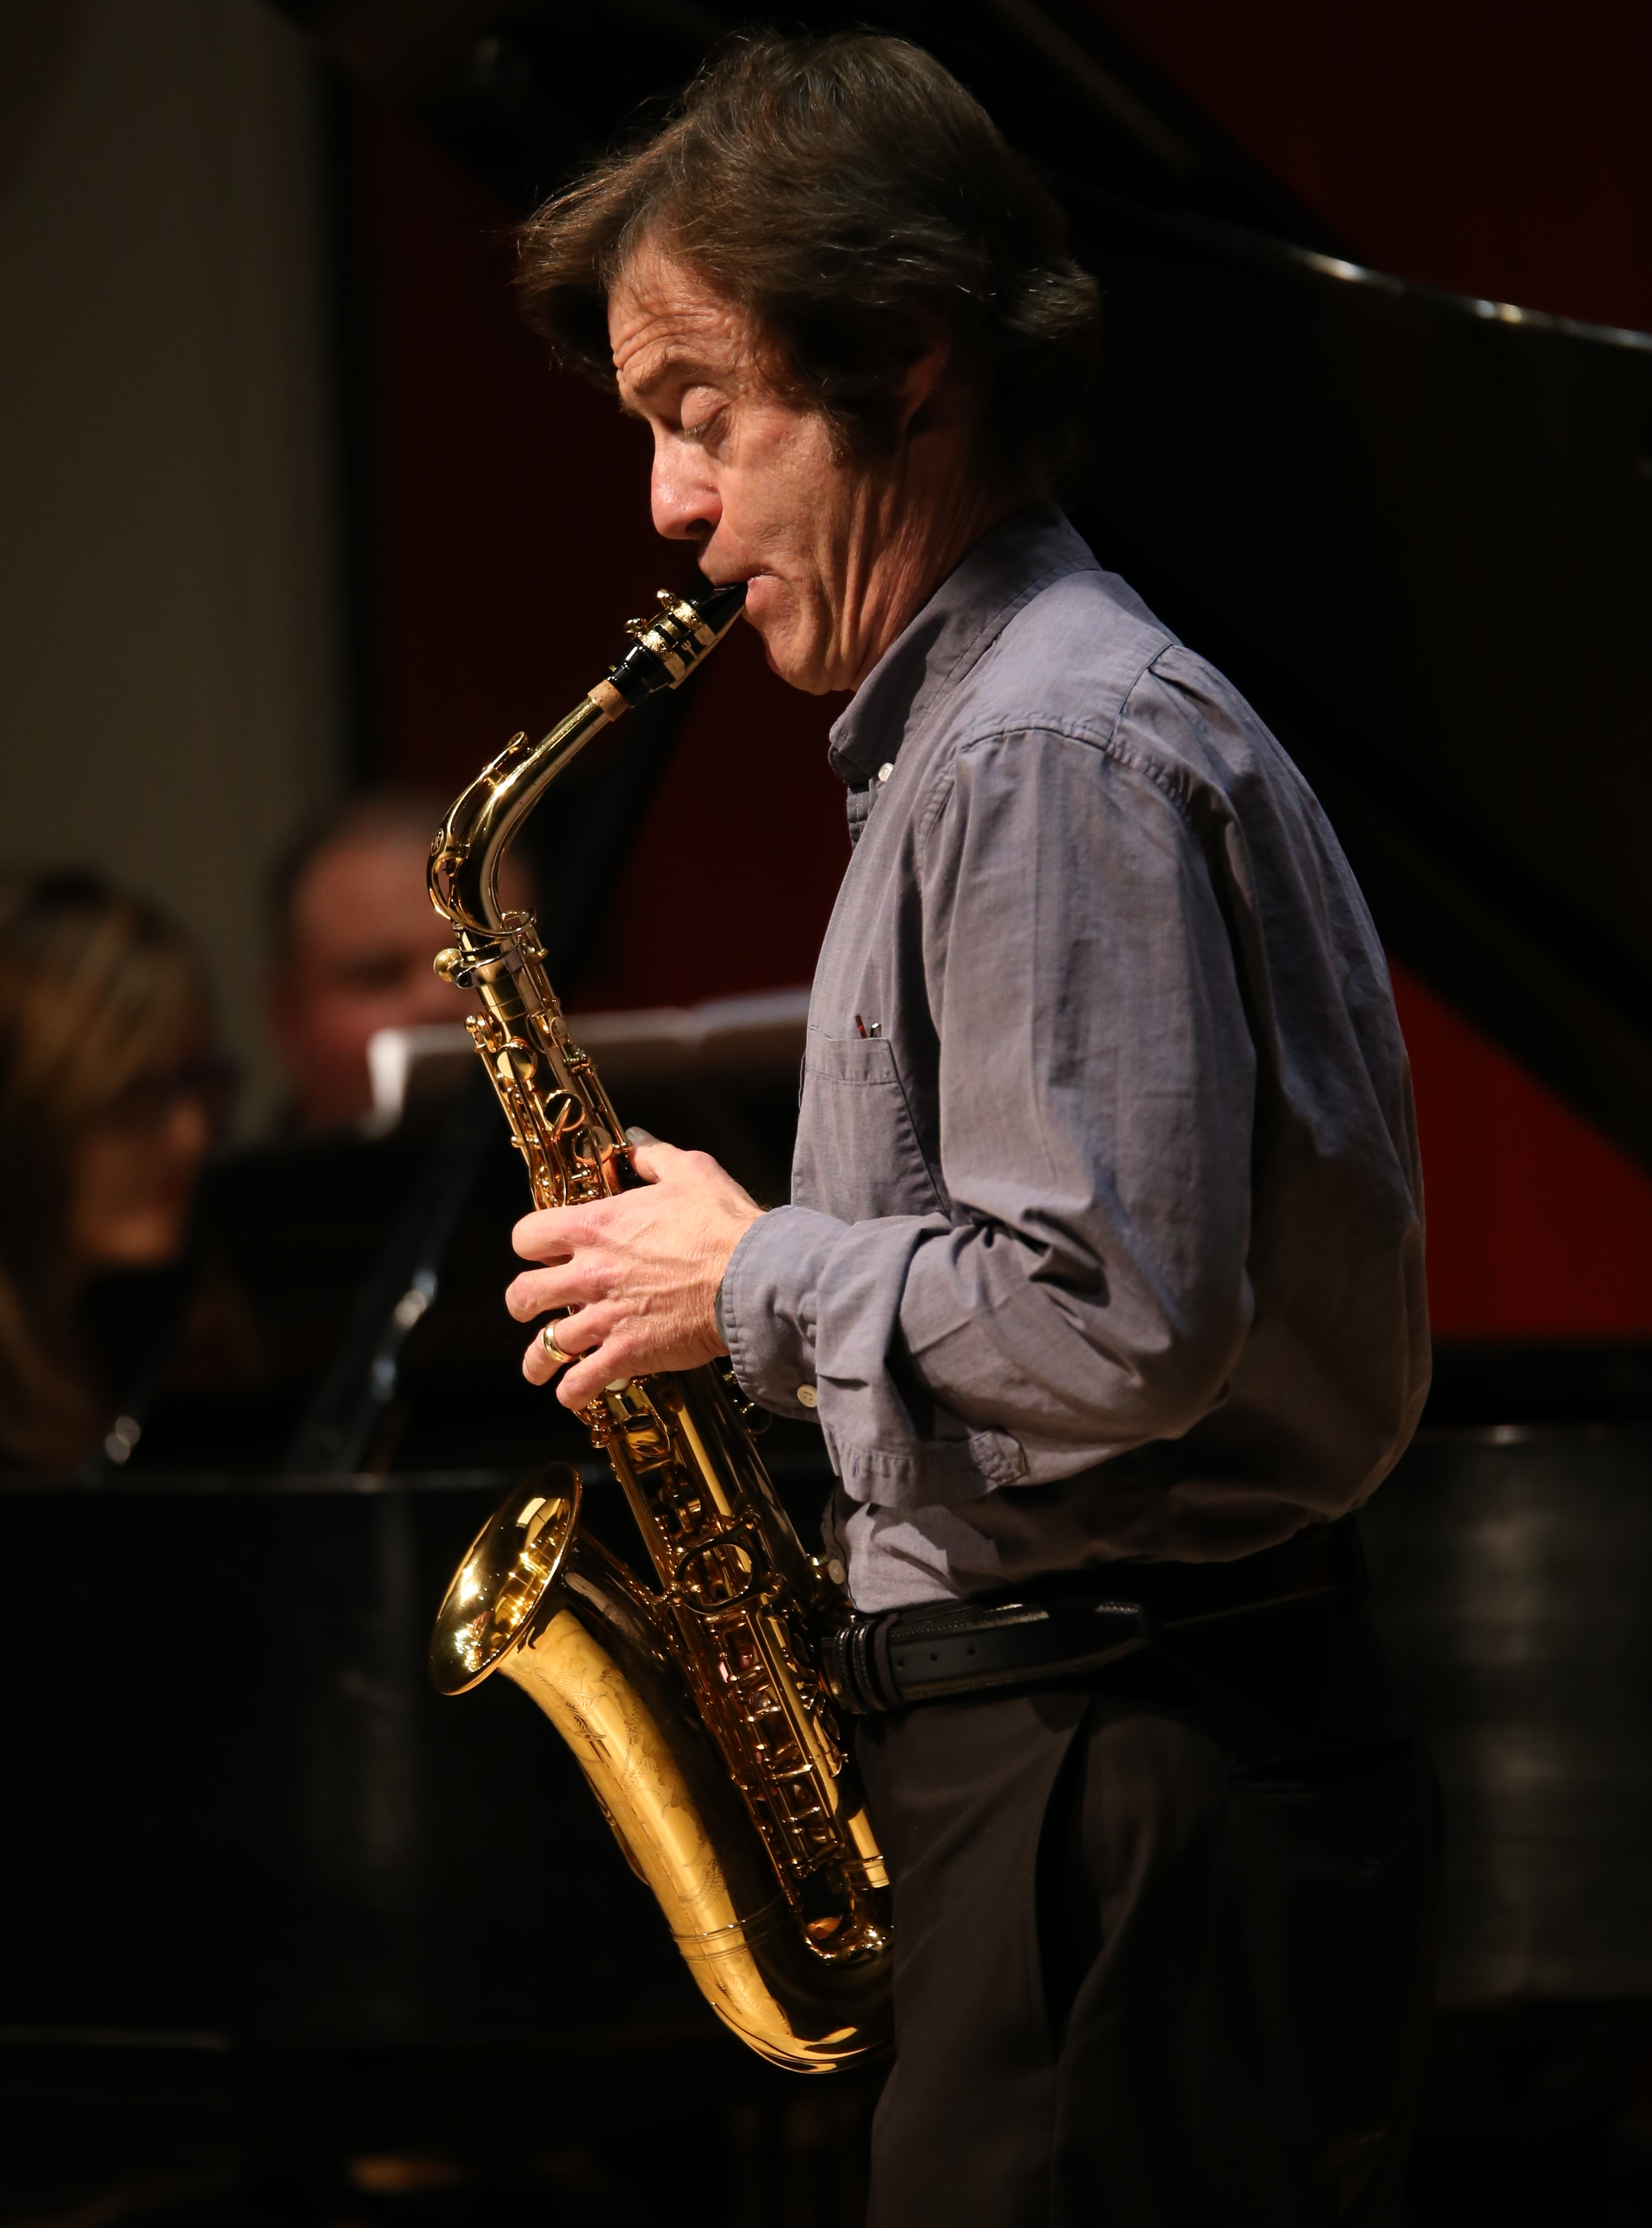 Guest Artist and Faculty Recital: Rhett Bender, saxophone and John Bleuel, saxophone